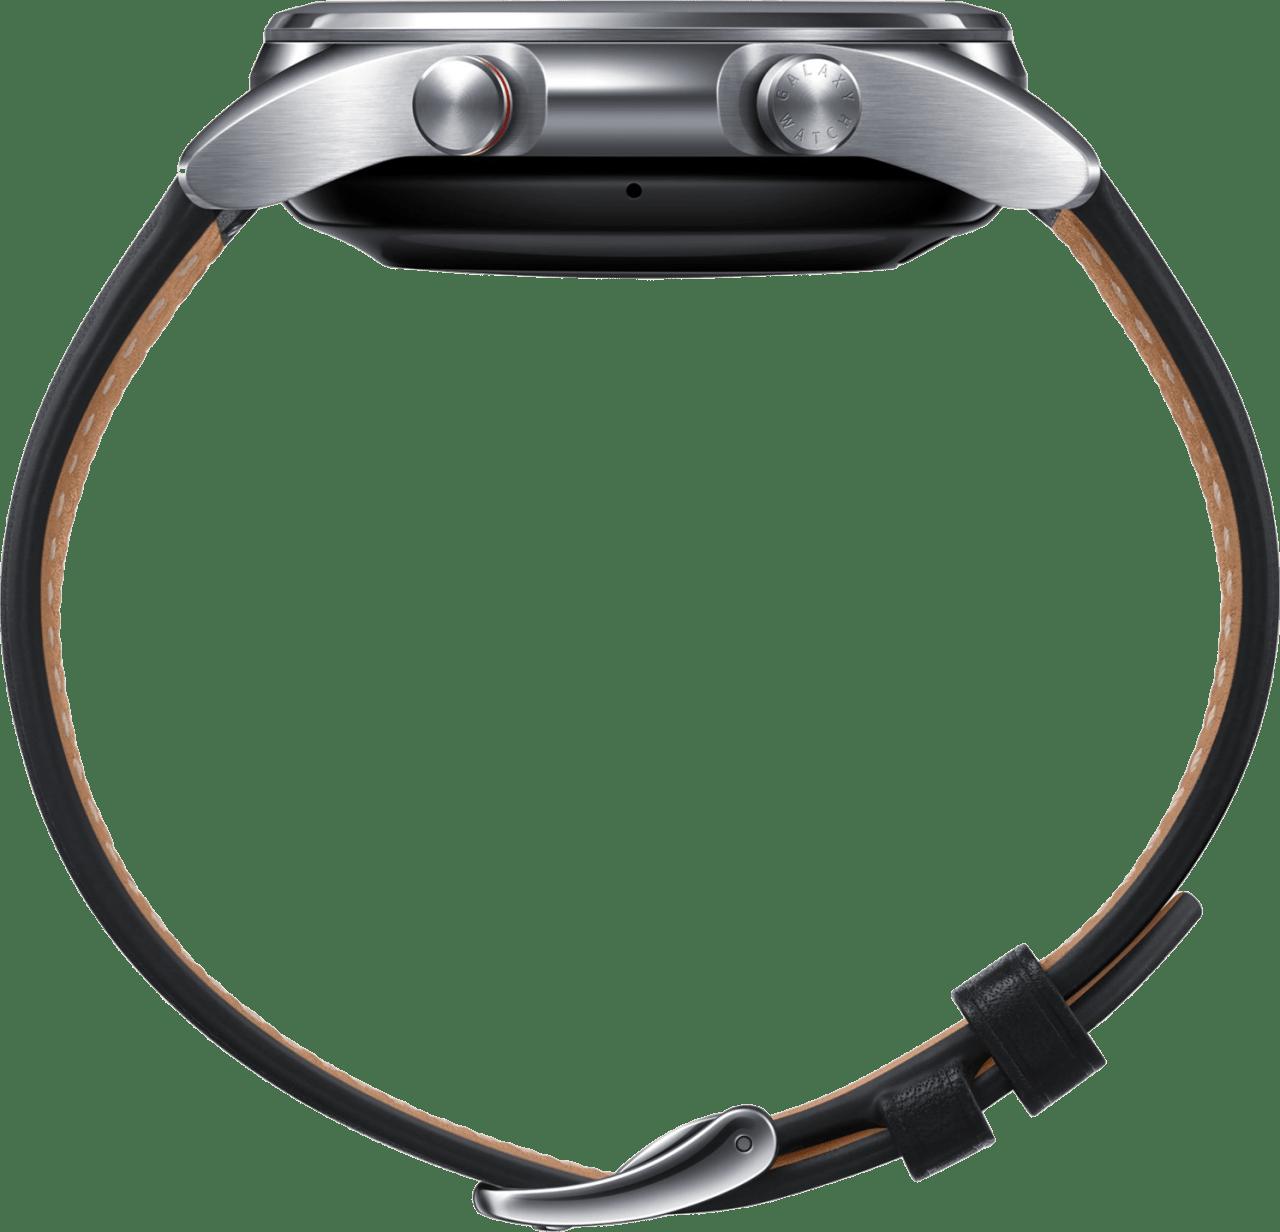 Mystic Silver Samsung Galaxy Watch 3 (LTE), 41mm.4